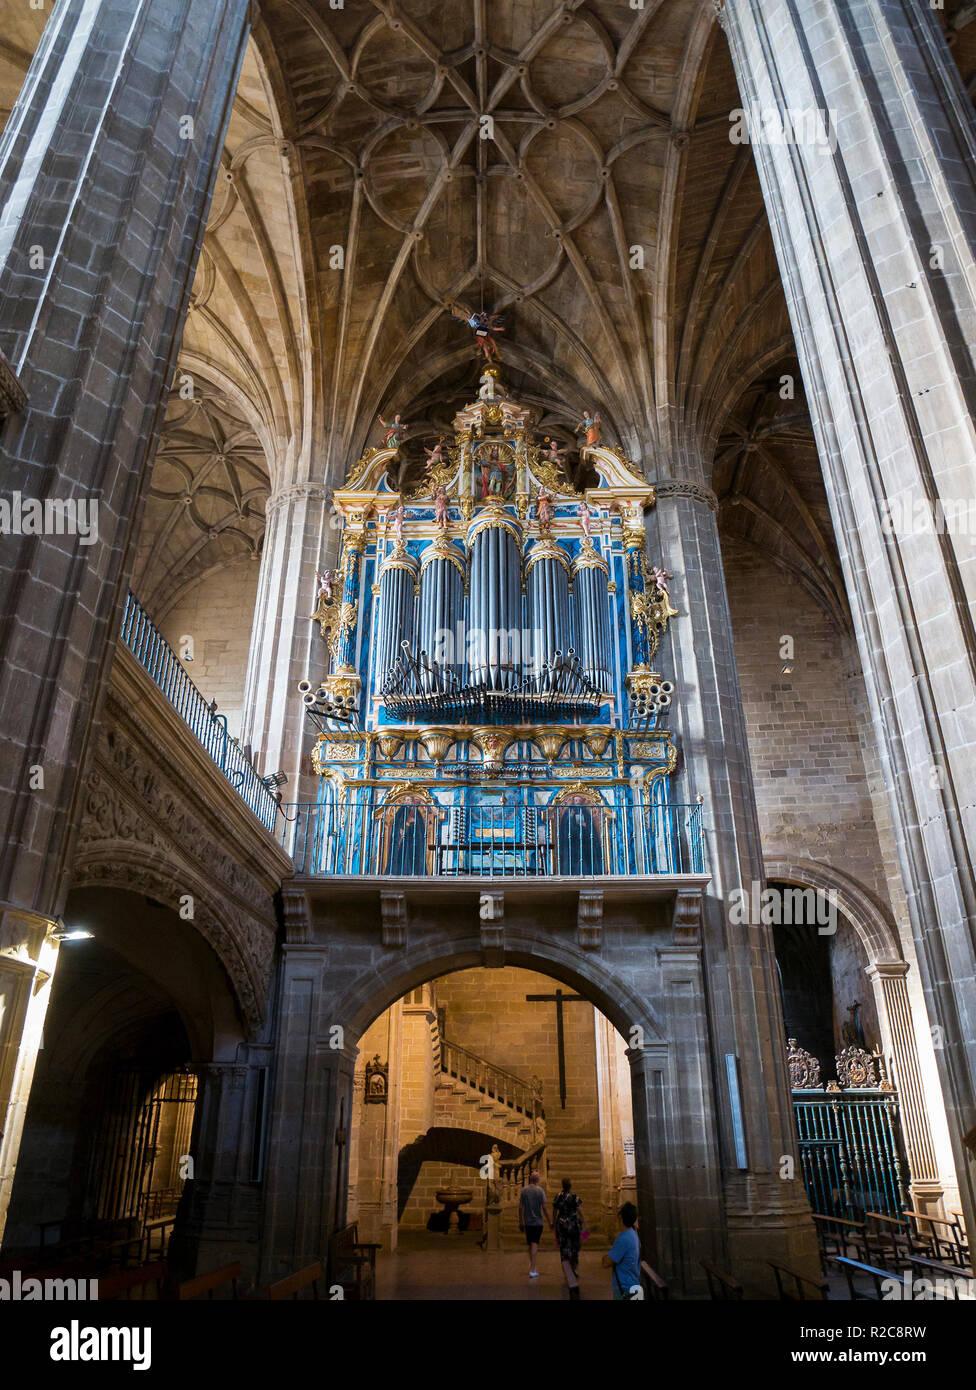 Órgano de la Iglesia de Santa María de la Asunción. Briones. La Rioja. España Imagen De Stock